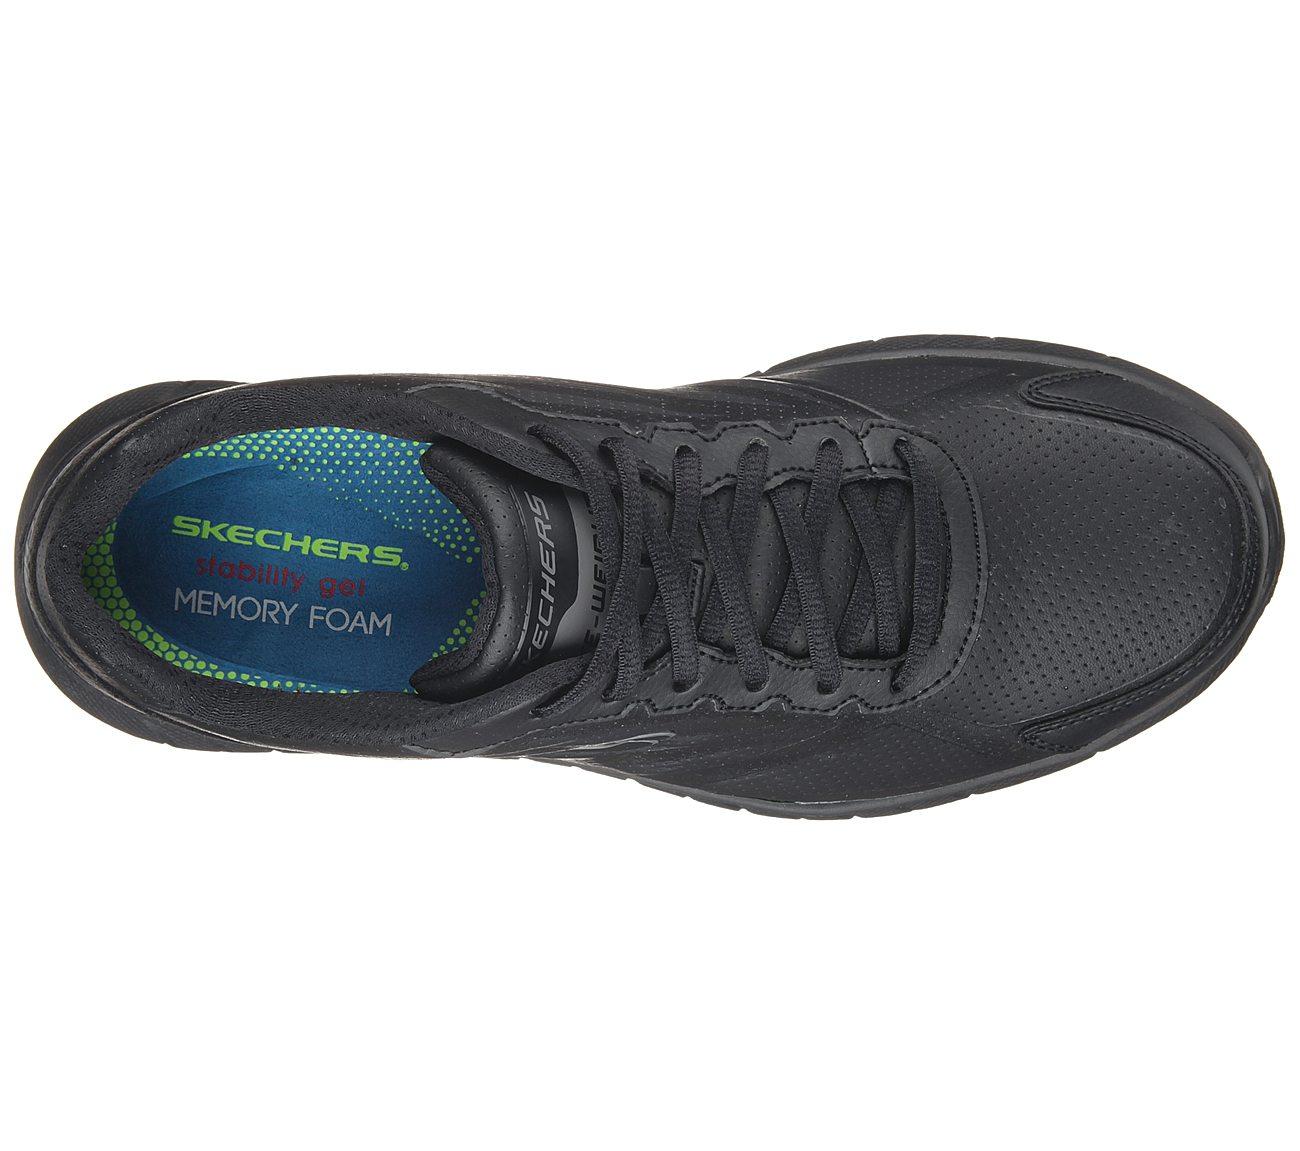 Skechers Soleus Mens  Casual Shoe  Men US Choose SZ//Color.